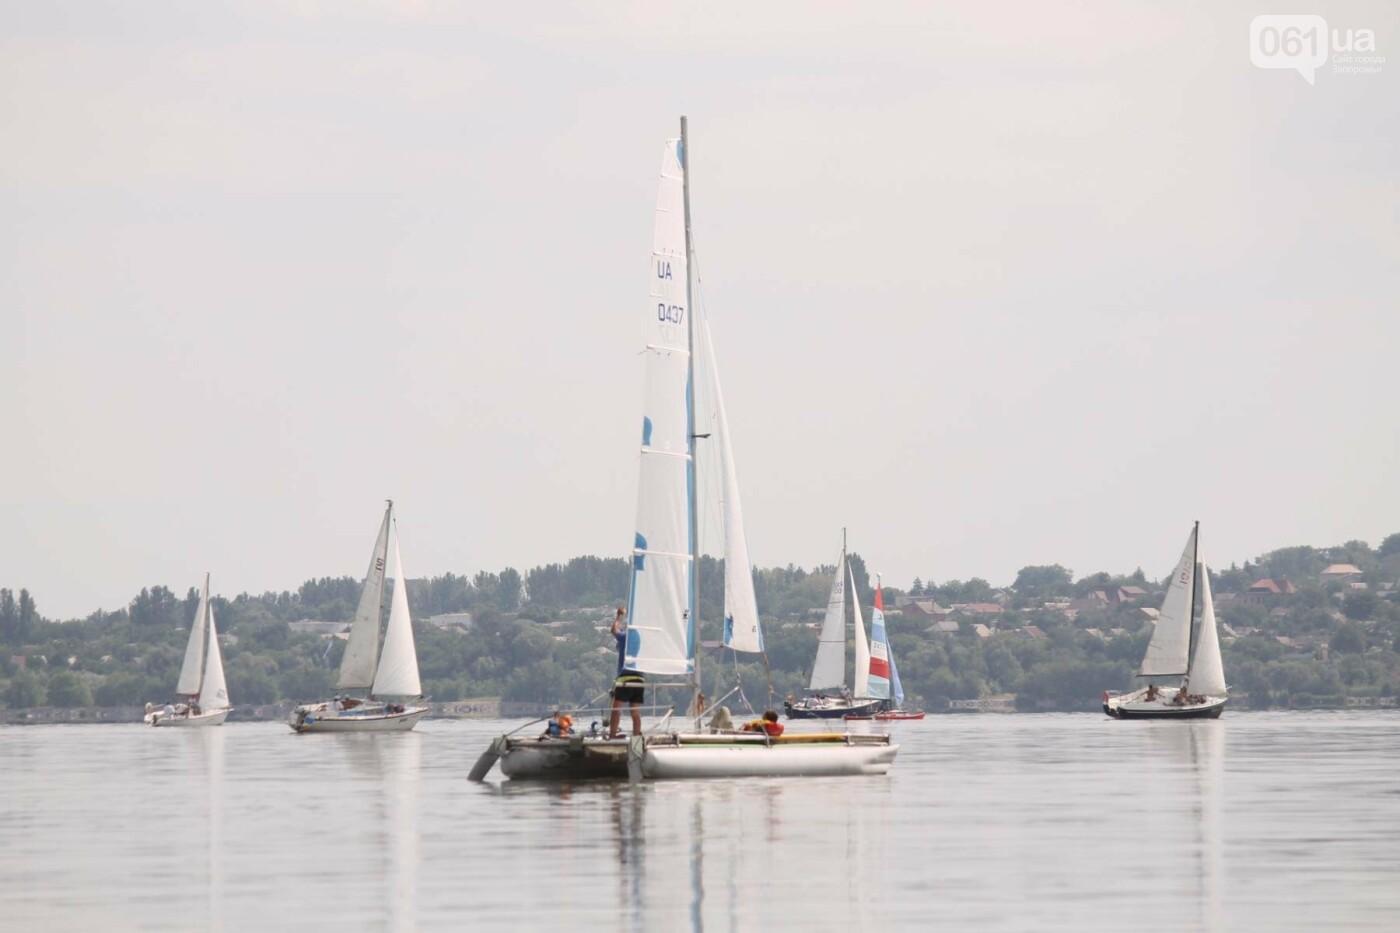 Сотни спортсменов и десятки яхт: как в Запорожье проходит парусная регата, – ФОТОРЕПОРТАЖ, фото-16